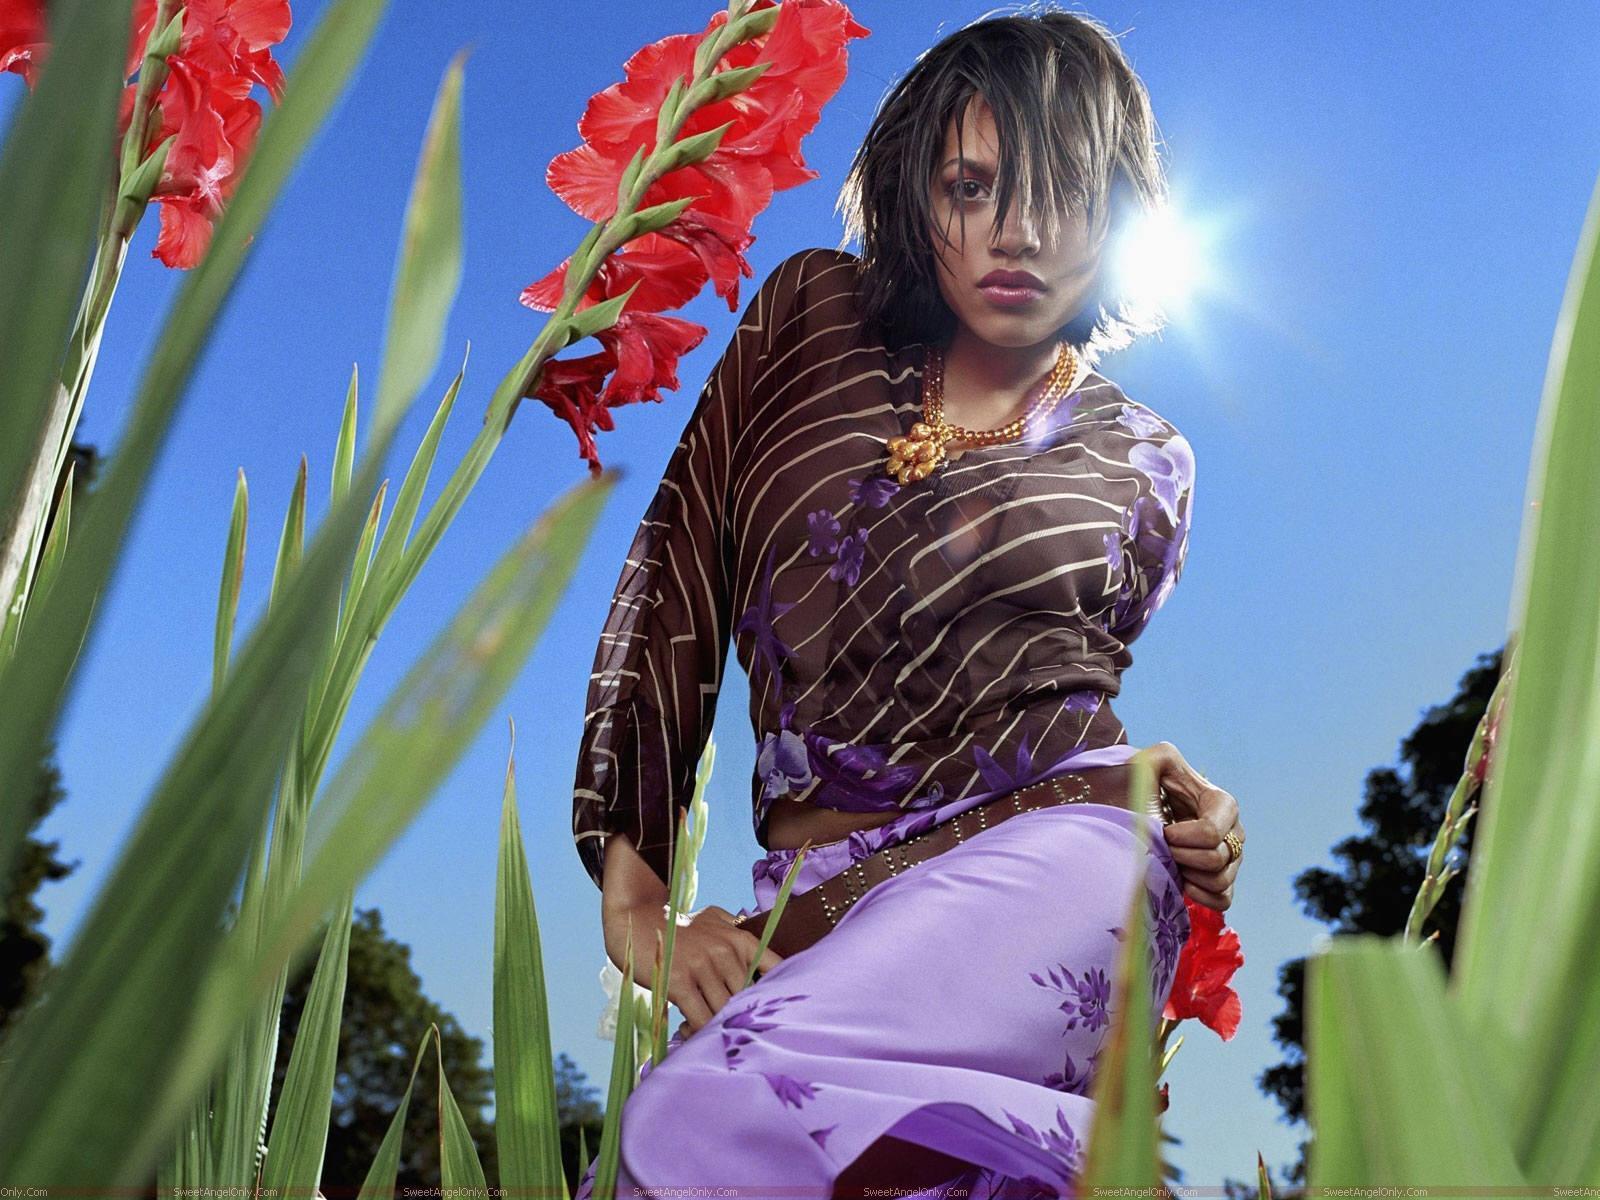 http://4.bp.blogspot.com/-VTGrw4eAd2E/Ta2IYA68YhI/AAAAAAAAGvc/KWUqD2MmIUM/s1600/rosario_dawson_beautiful_wallpaper.jpg